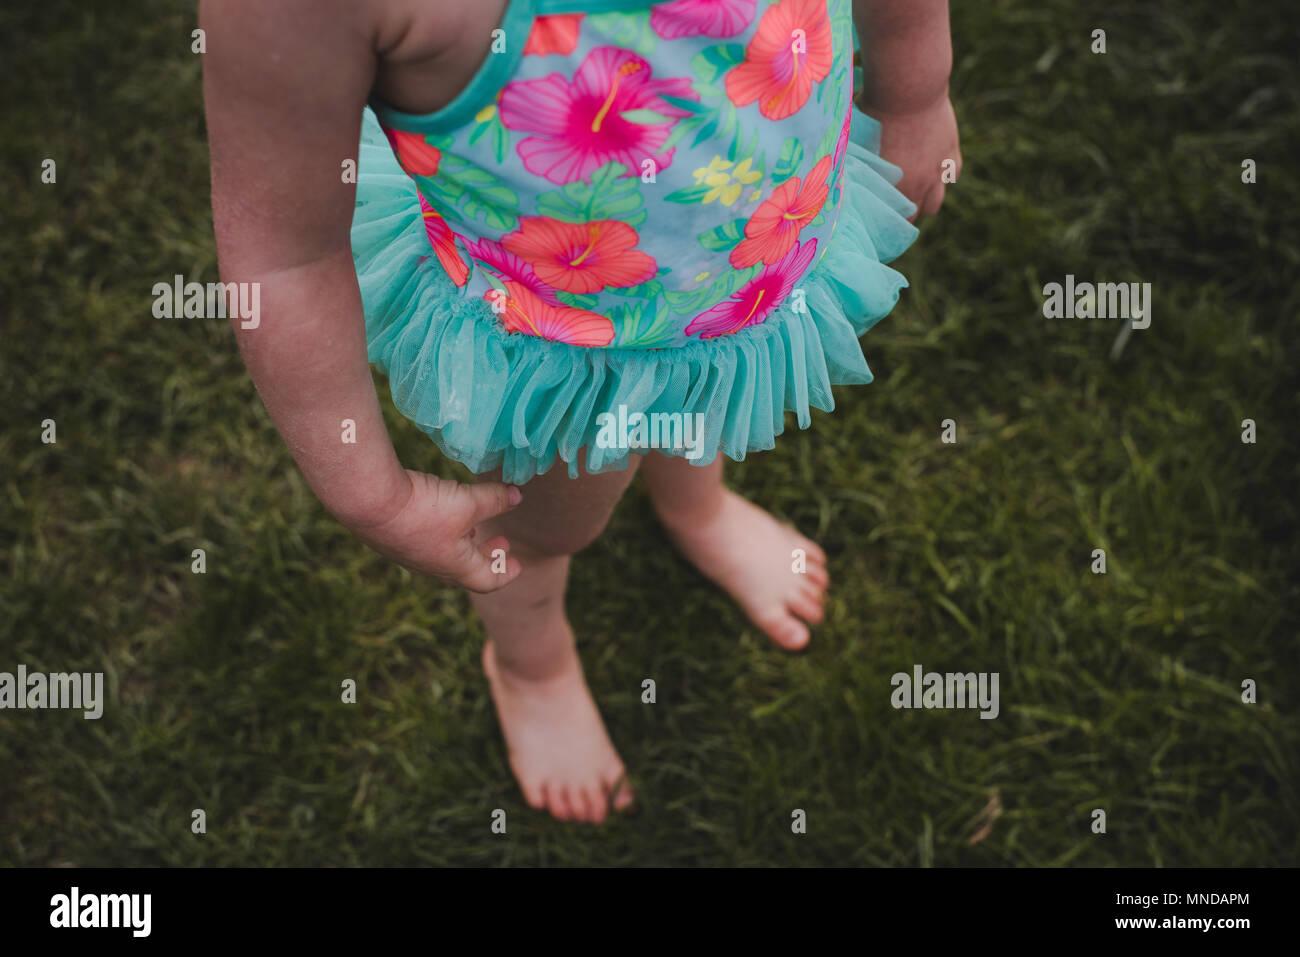 Eine gesichtslose Kleinkind Mädchen mit einem bunten Badeanzug mit Blumen. Stockbild